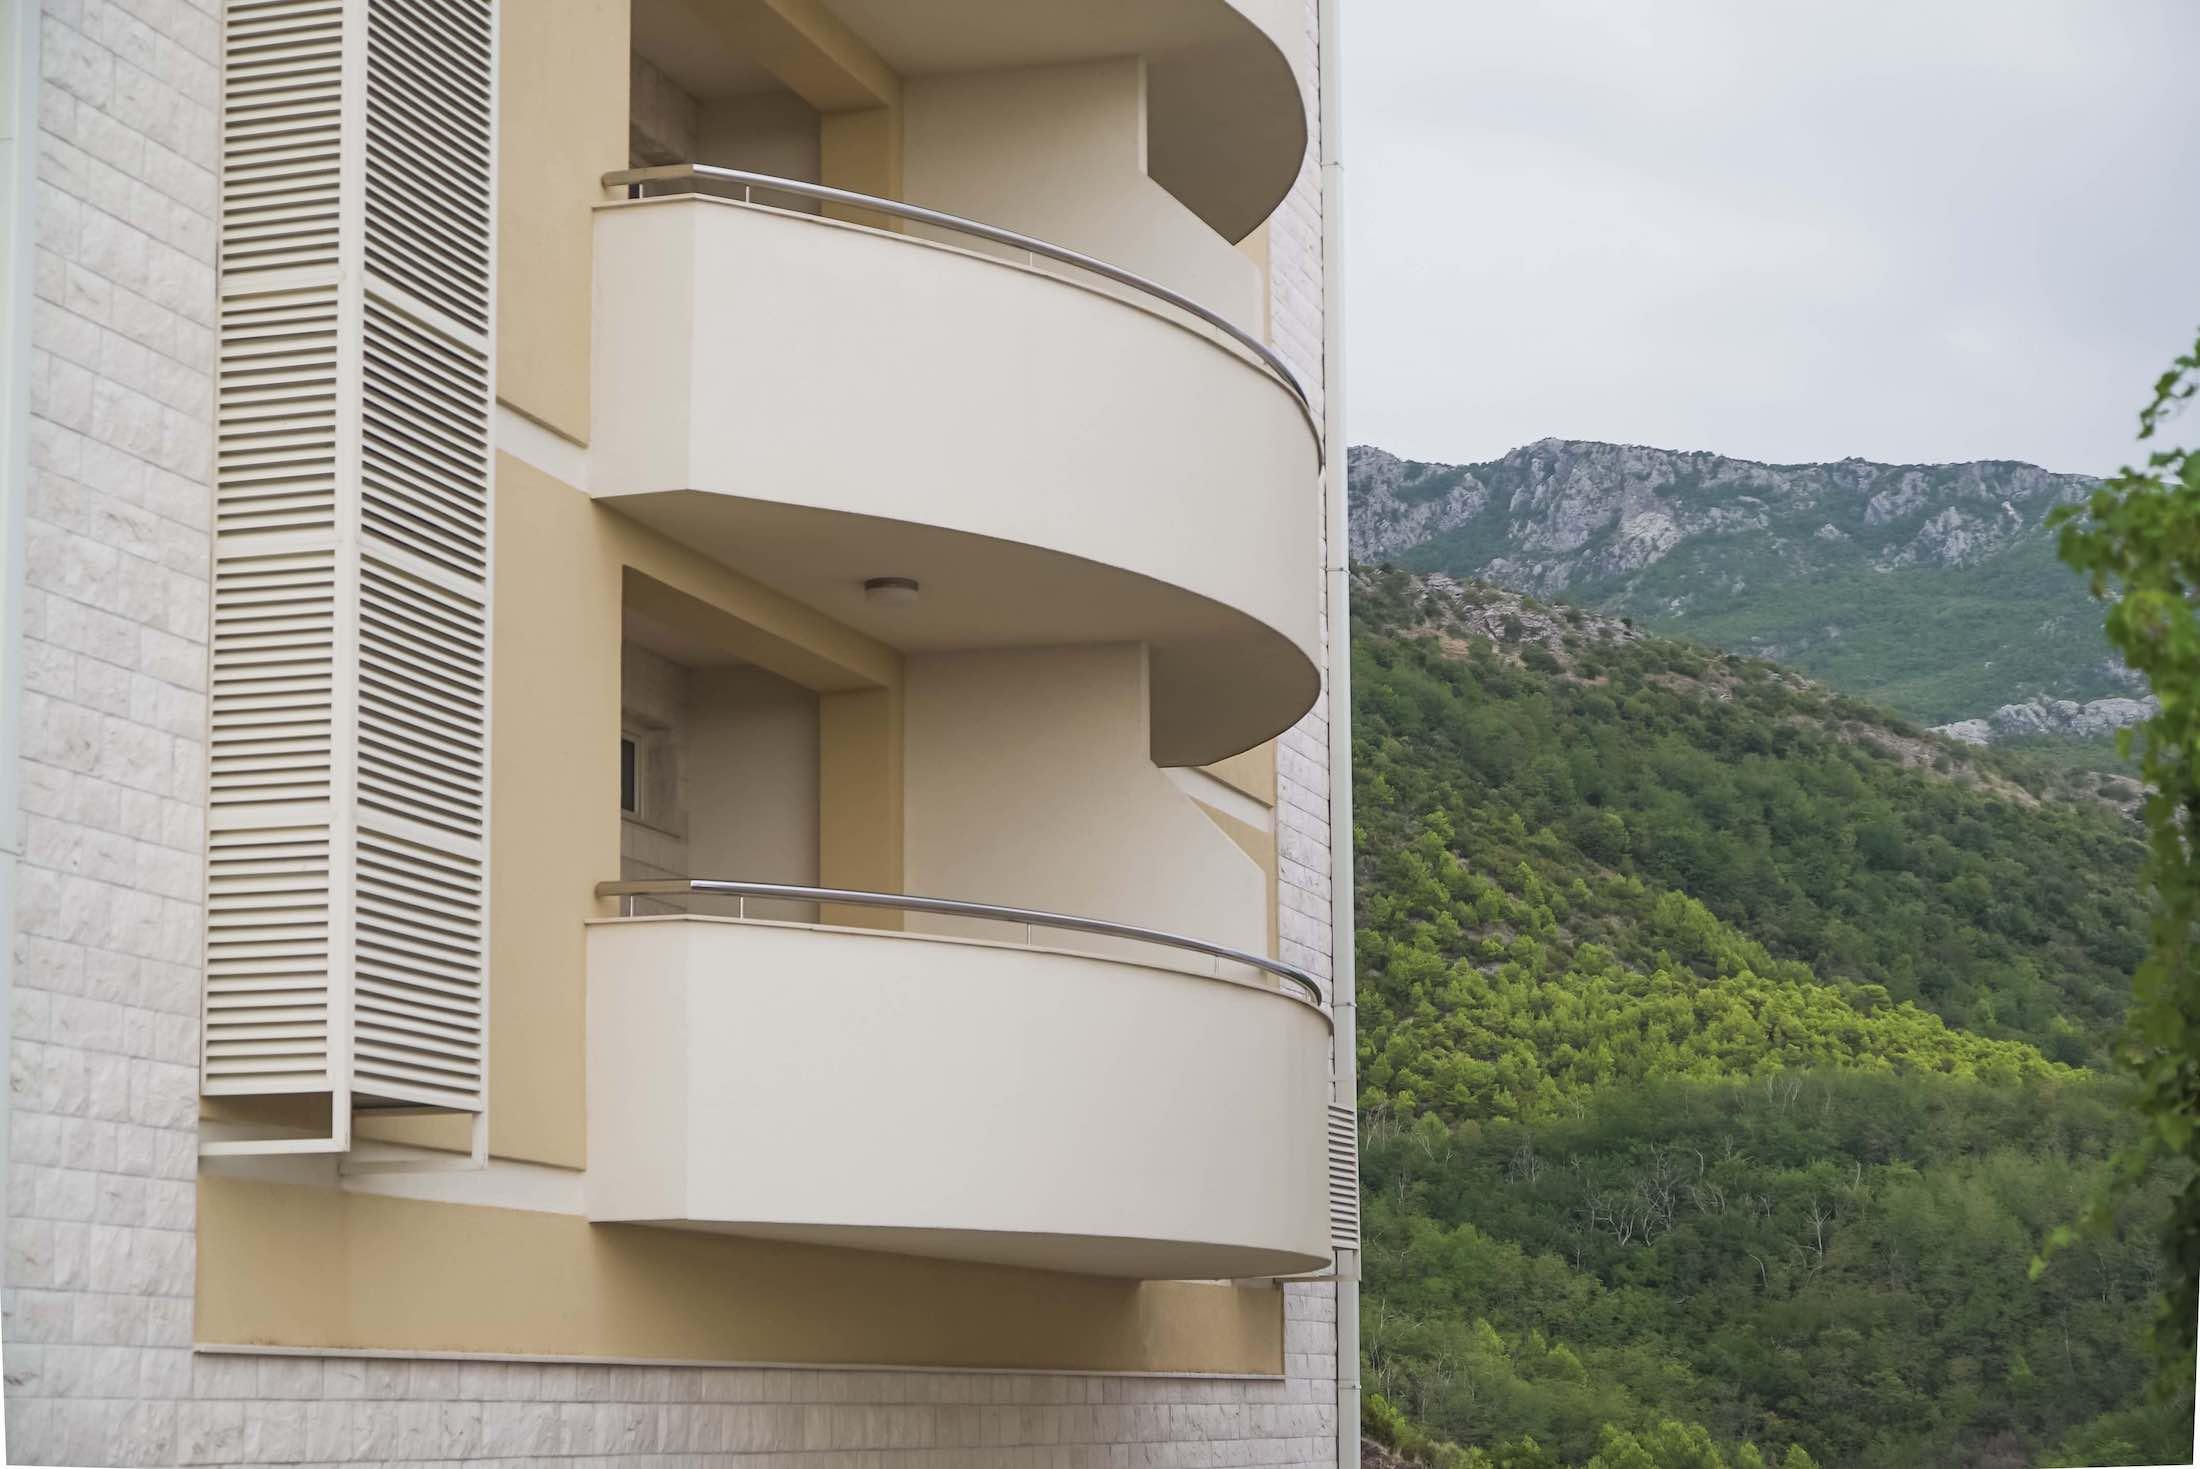 IVANOVICI ANATOLIA доходная недвижимость в черногории Бечичи Будва34.jpeg